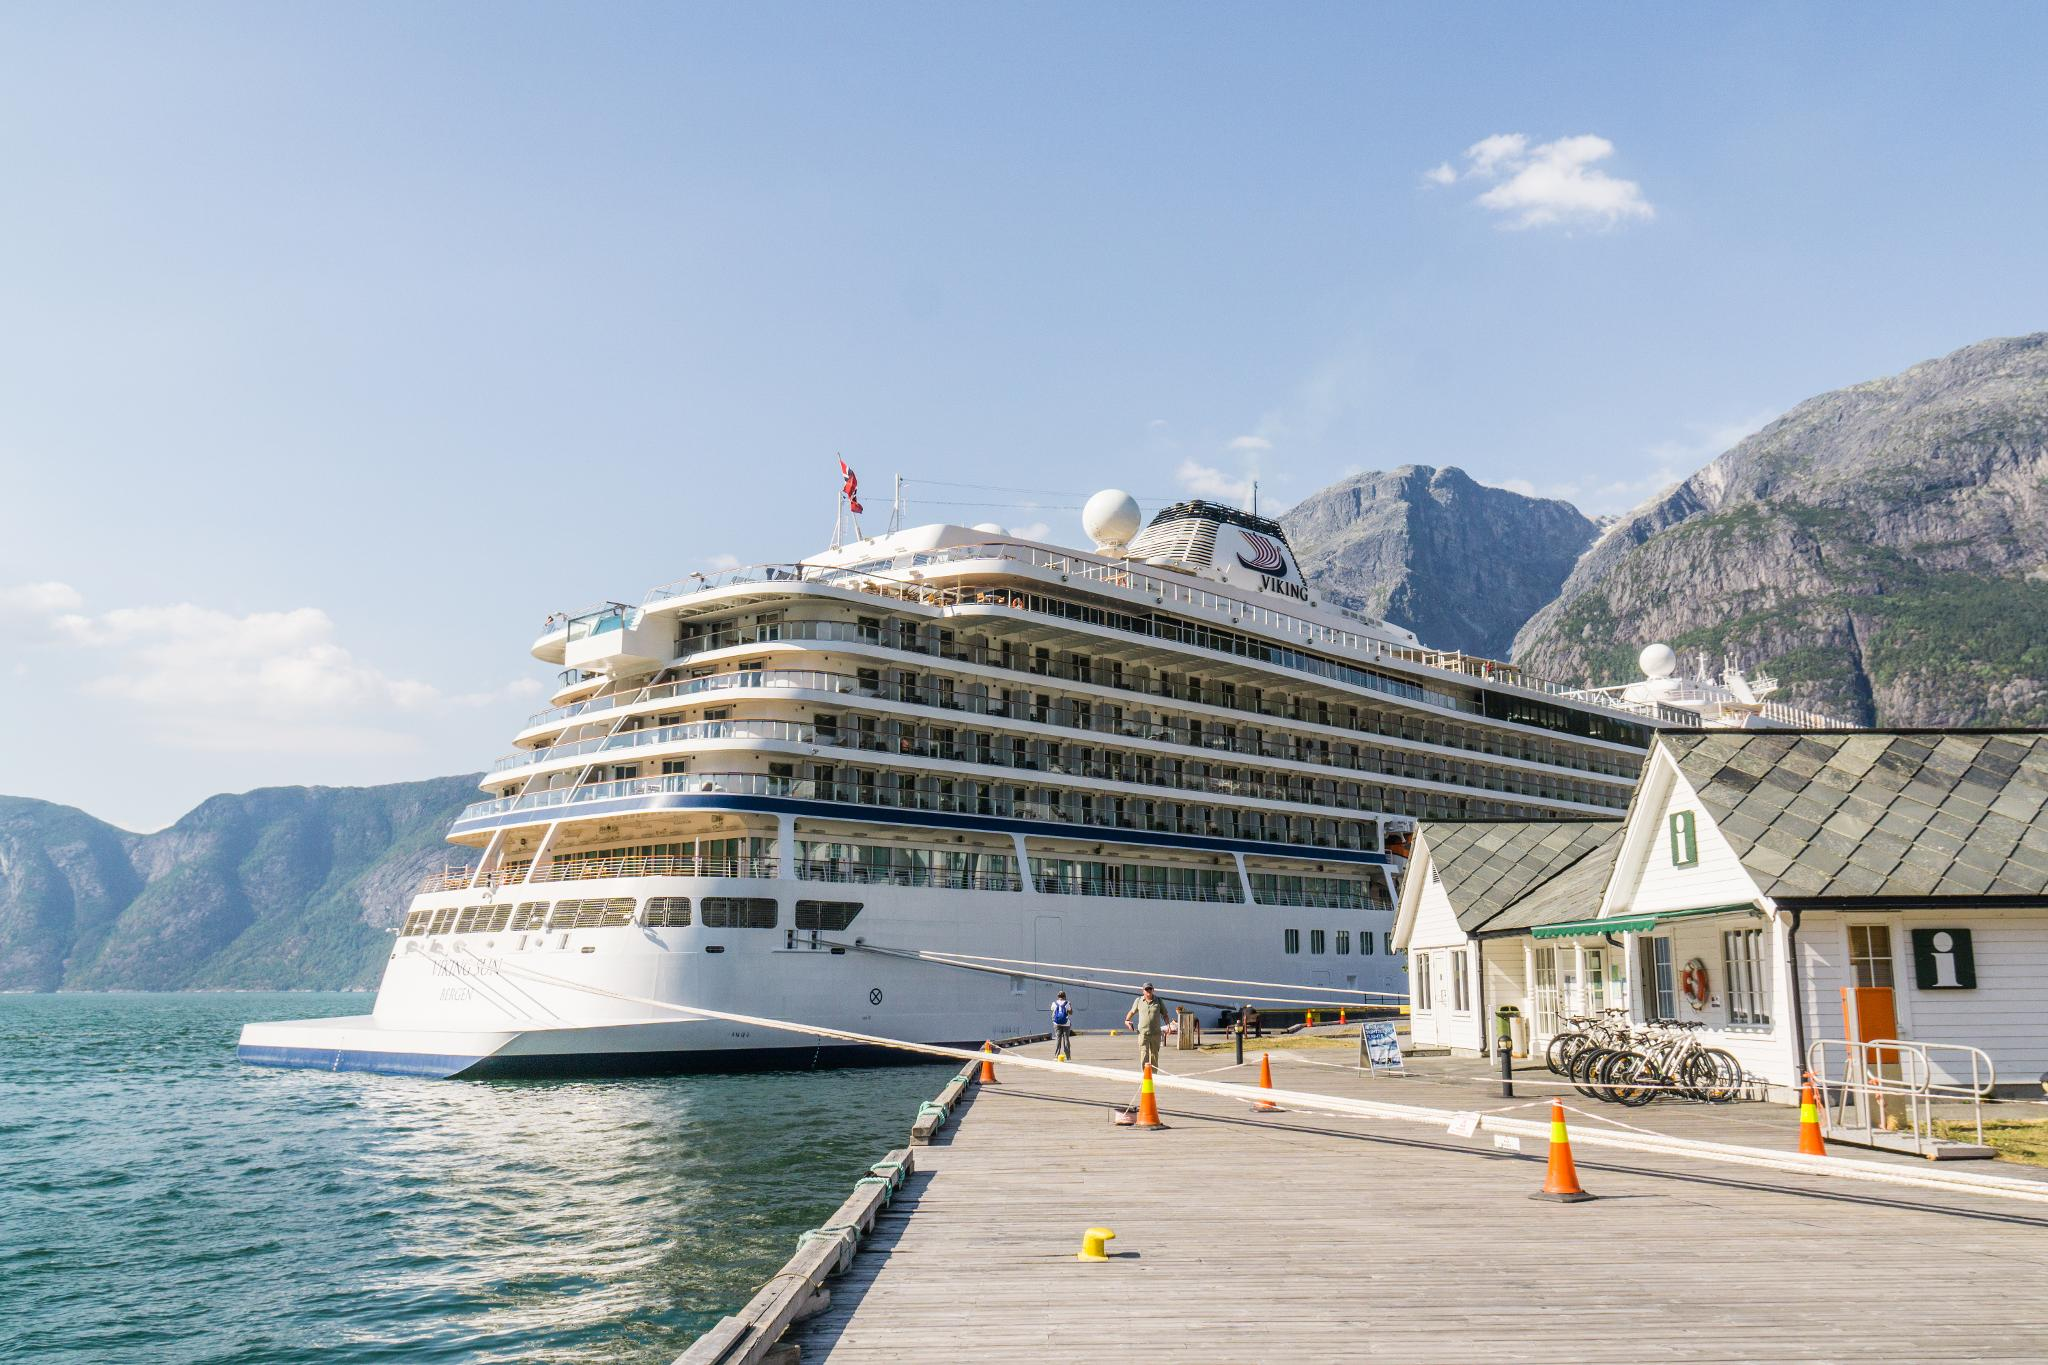 【北歐景點】哈丹格峽灣探秘:Eidfjord小鎮的無限風光